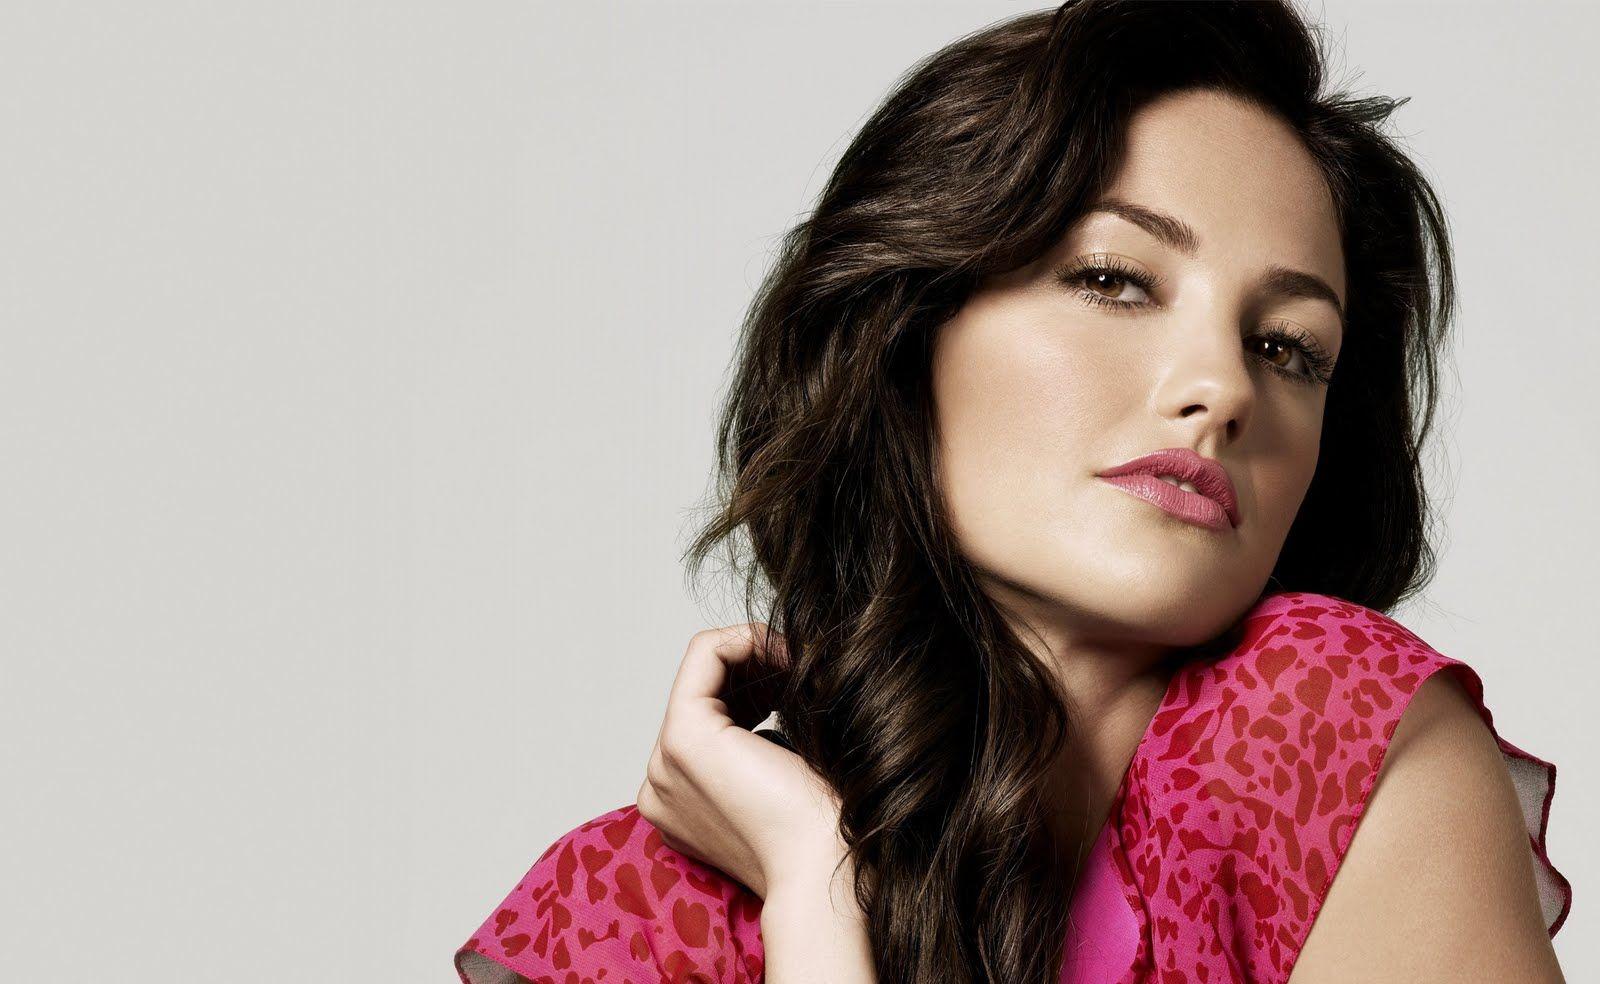 Beautiful Hollywood Actress HD Wallpapers   Top Beautiful 1600x984